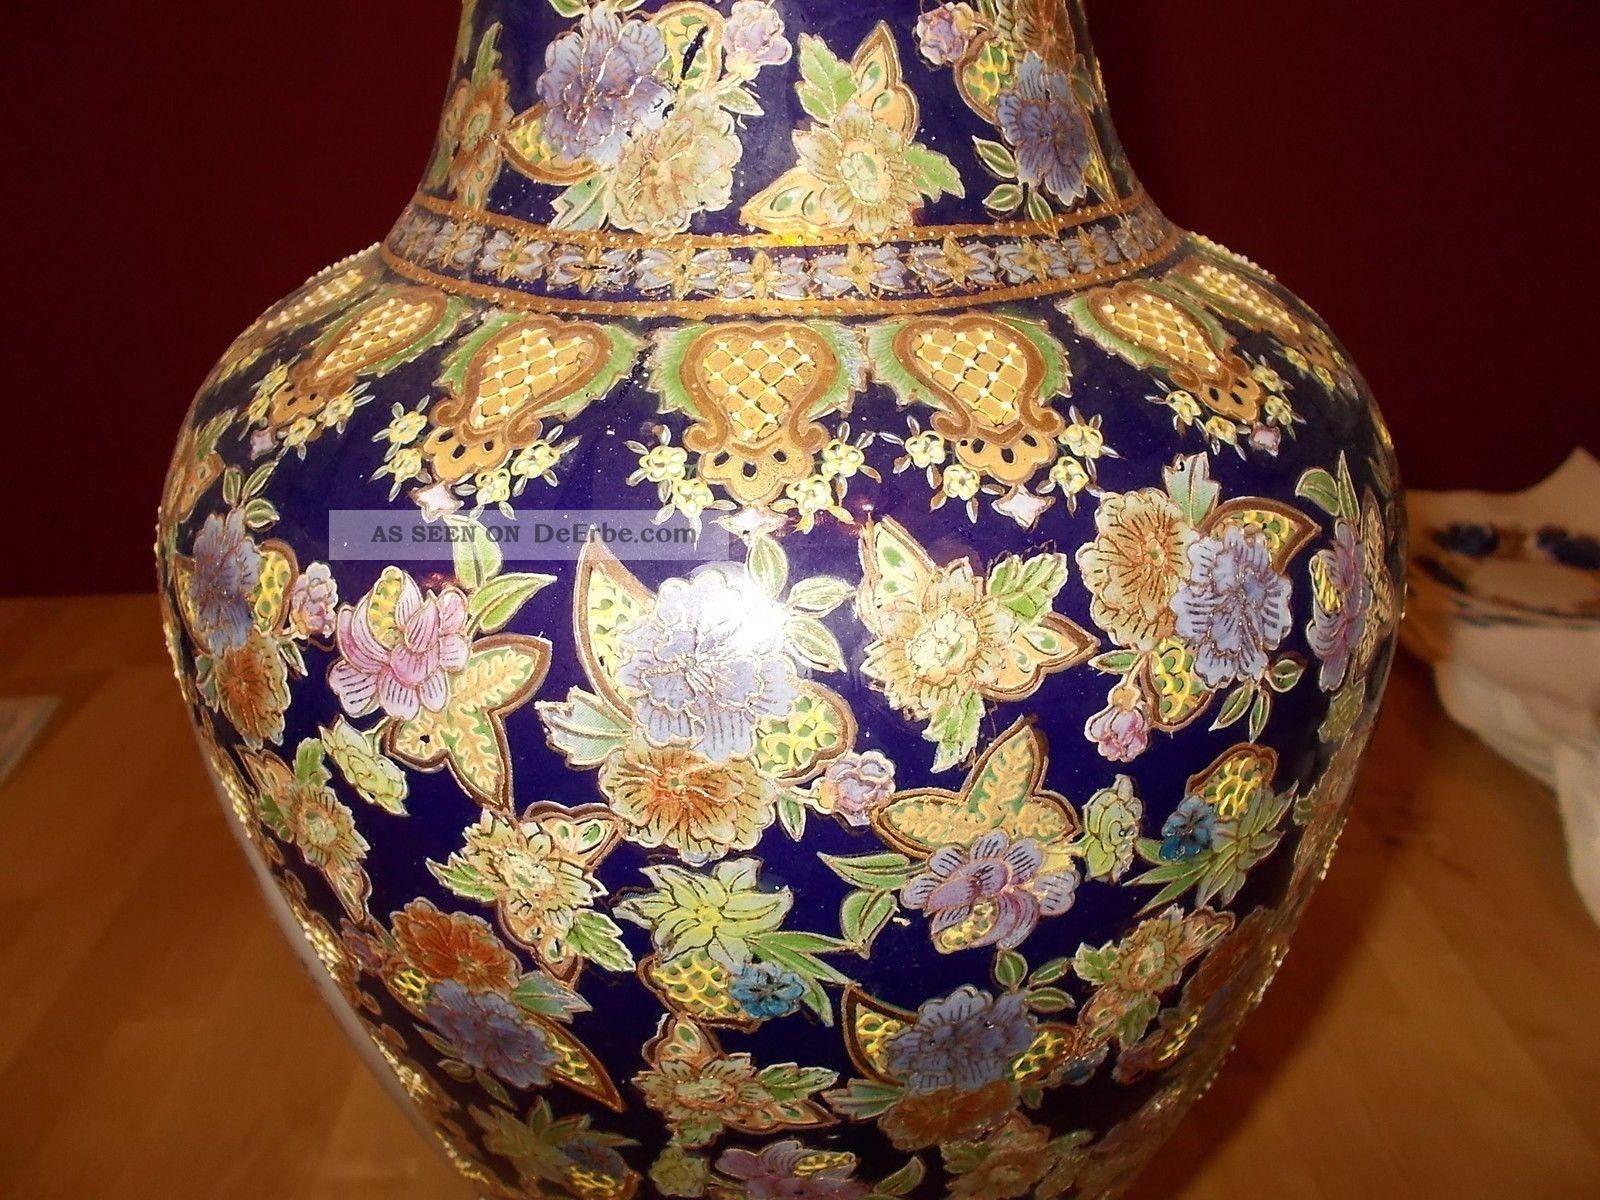 ausgefallene chinesische bodenvase vase viel gold auf kobaltblau handbemalt. Black Bedroom Furniture Sets. Home Design Ideas